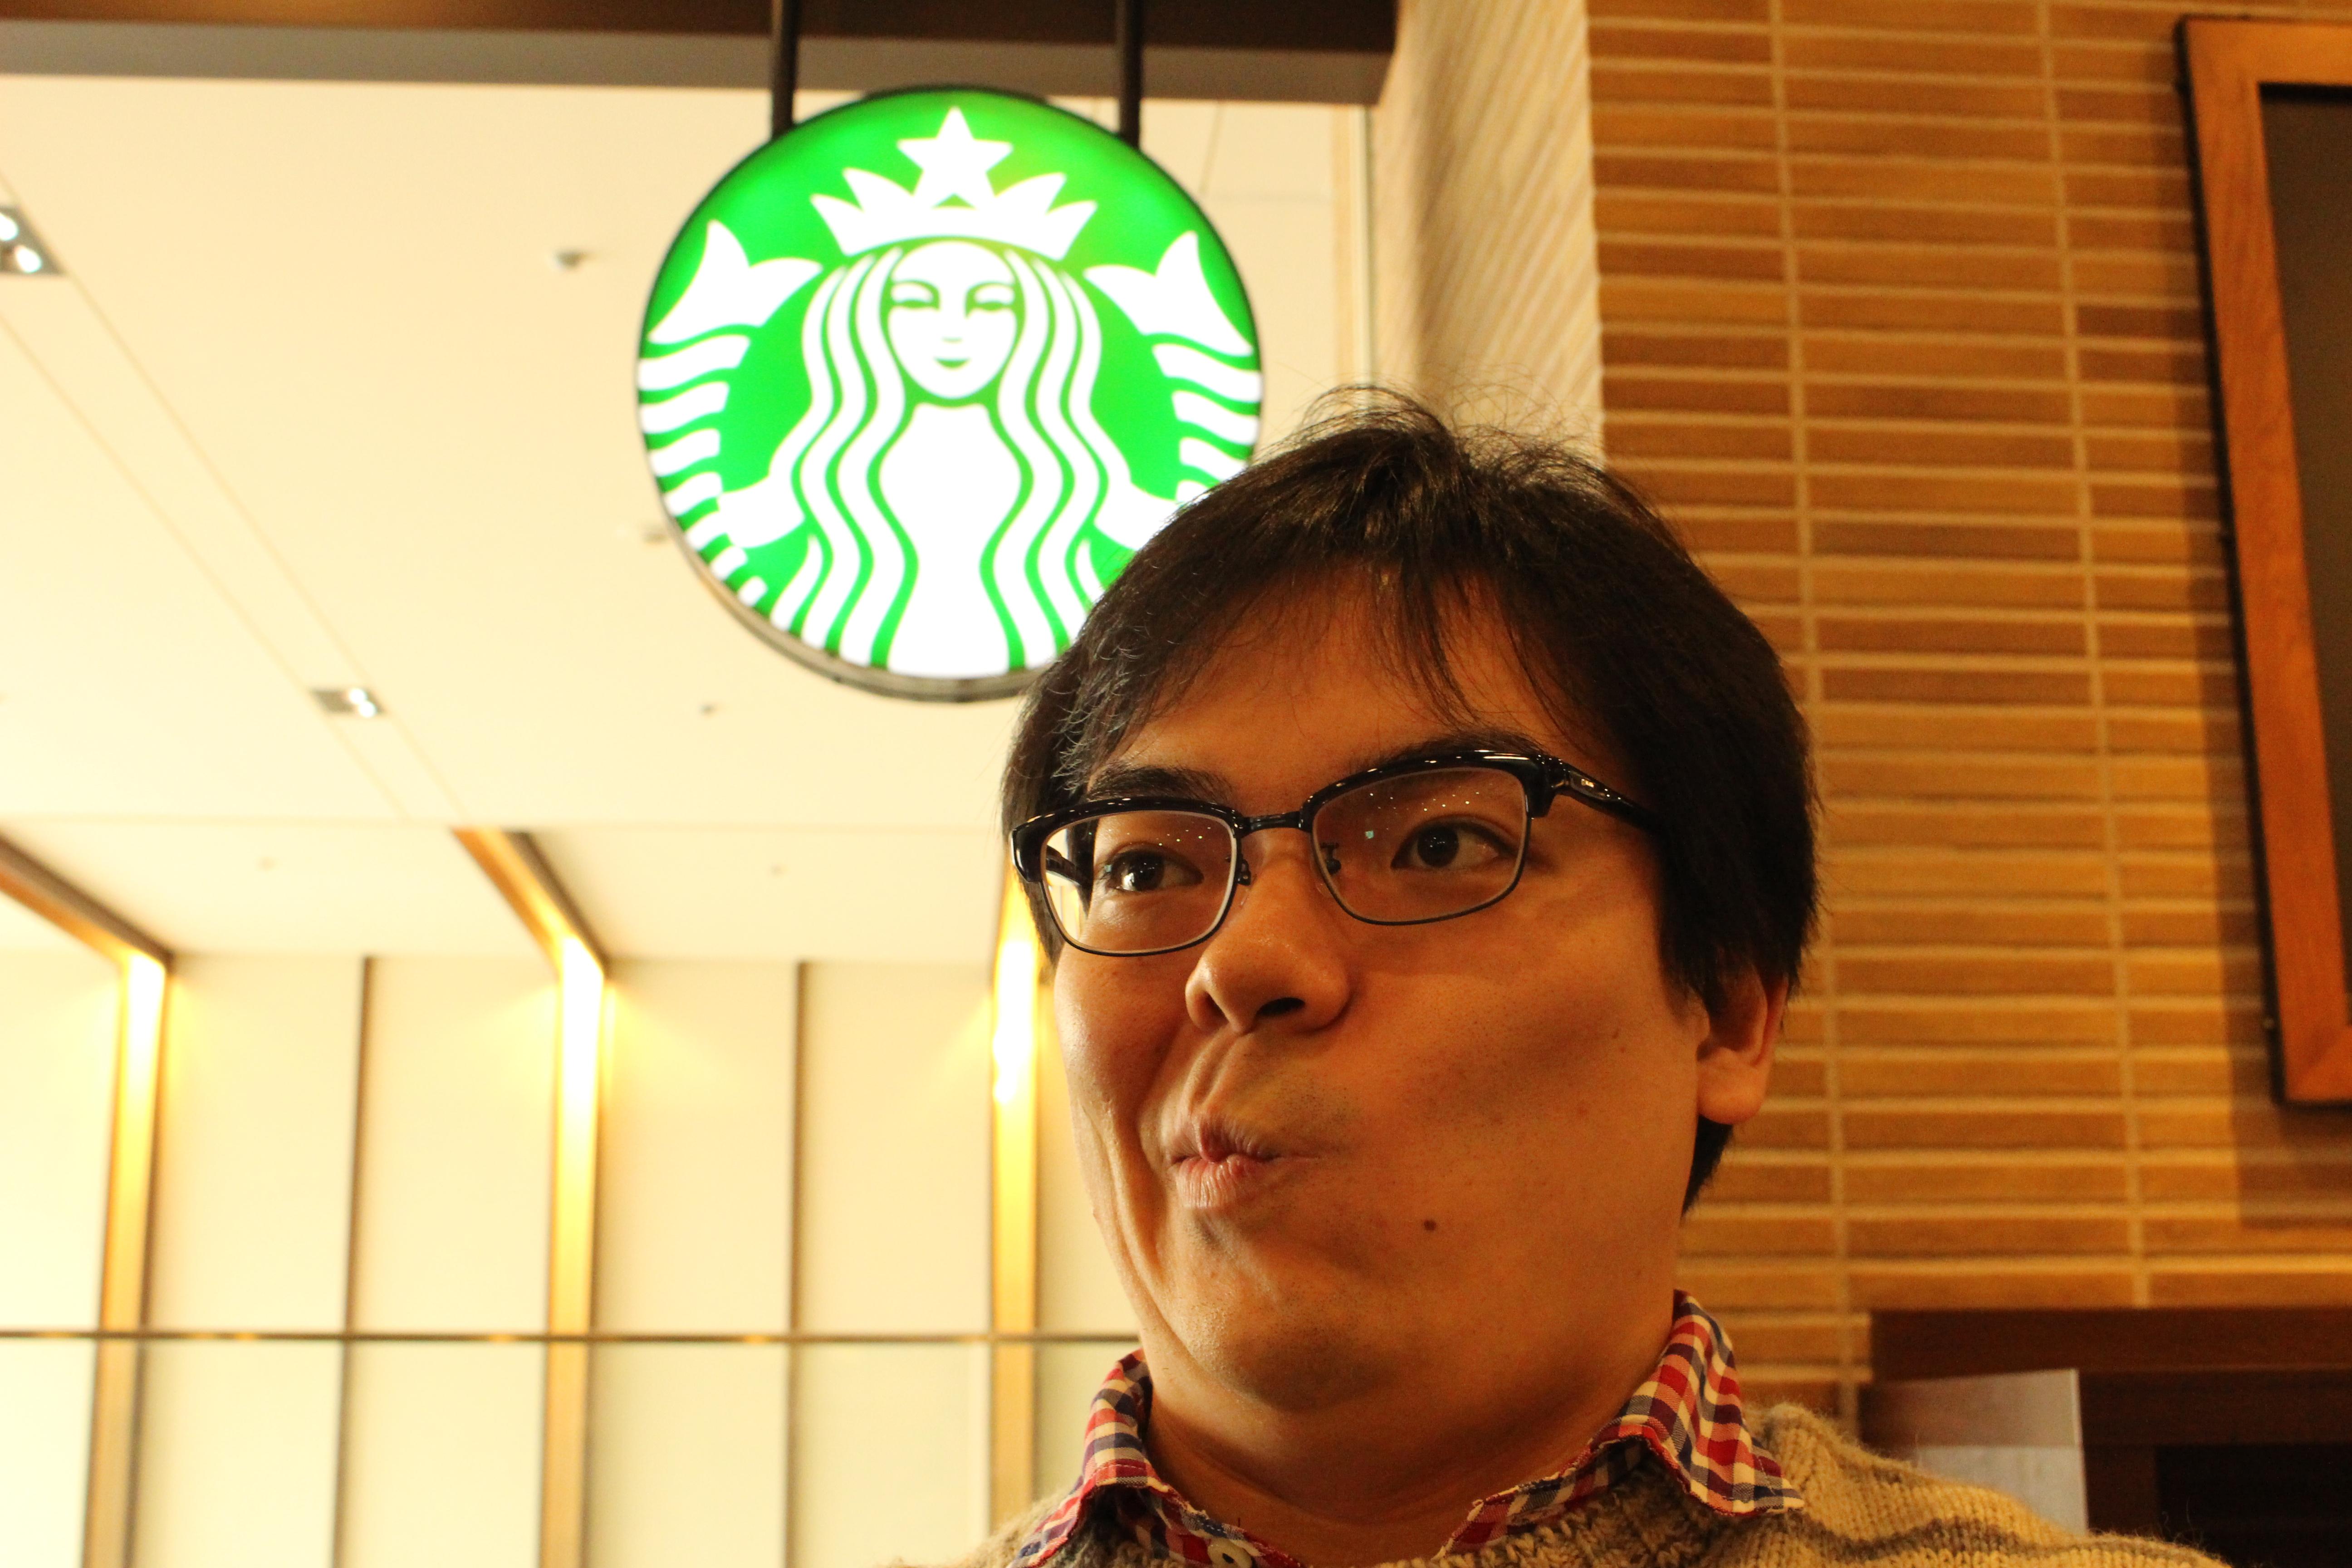 東京にはスタバでMacをドヤ顔で使う「マカー」がいるらしい